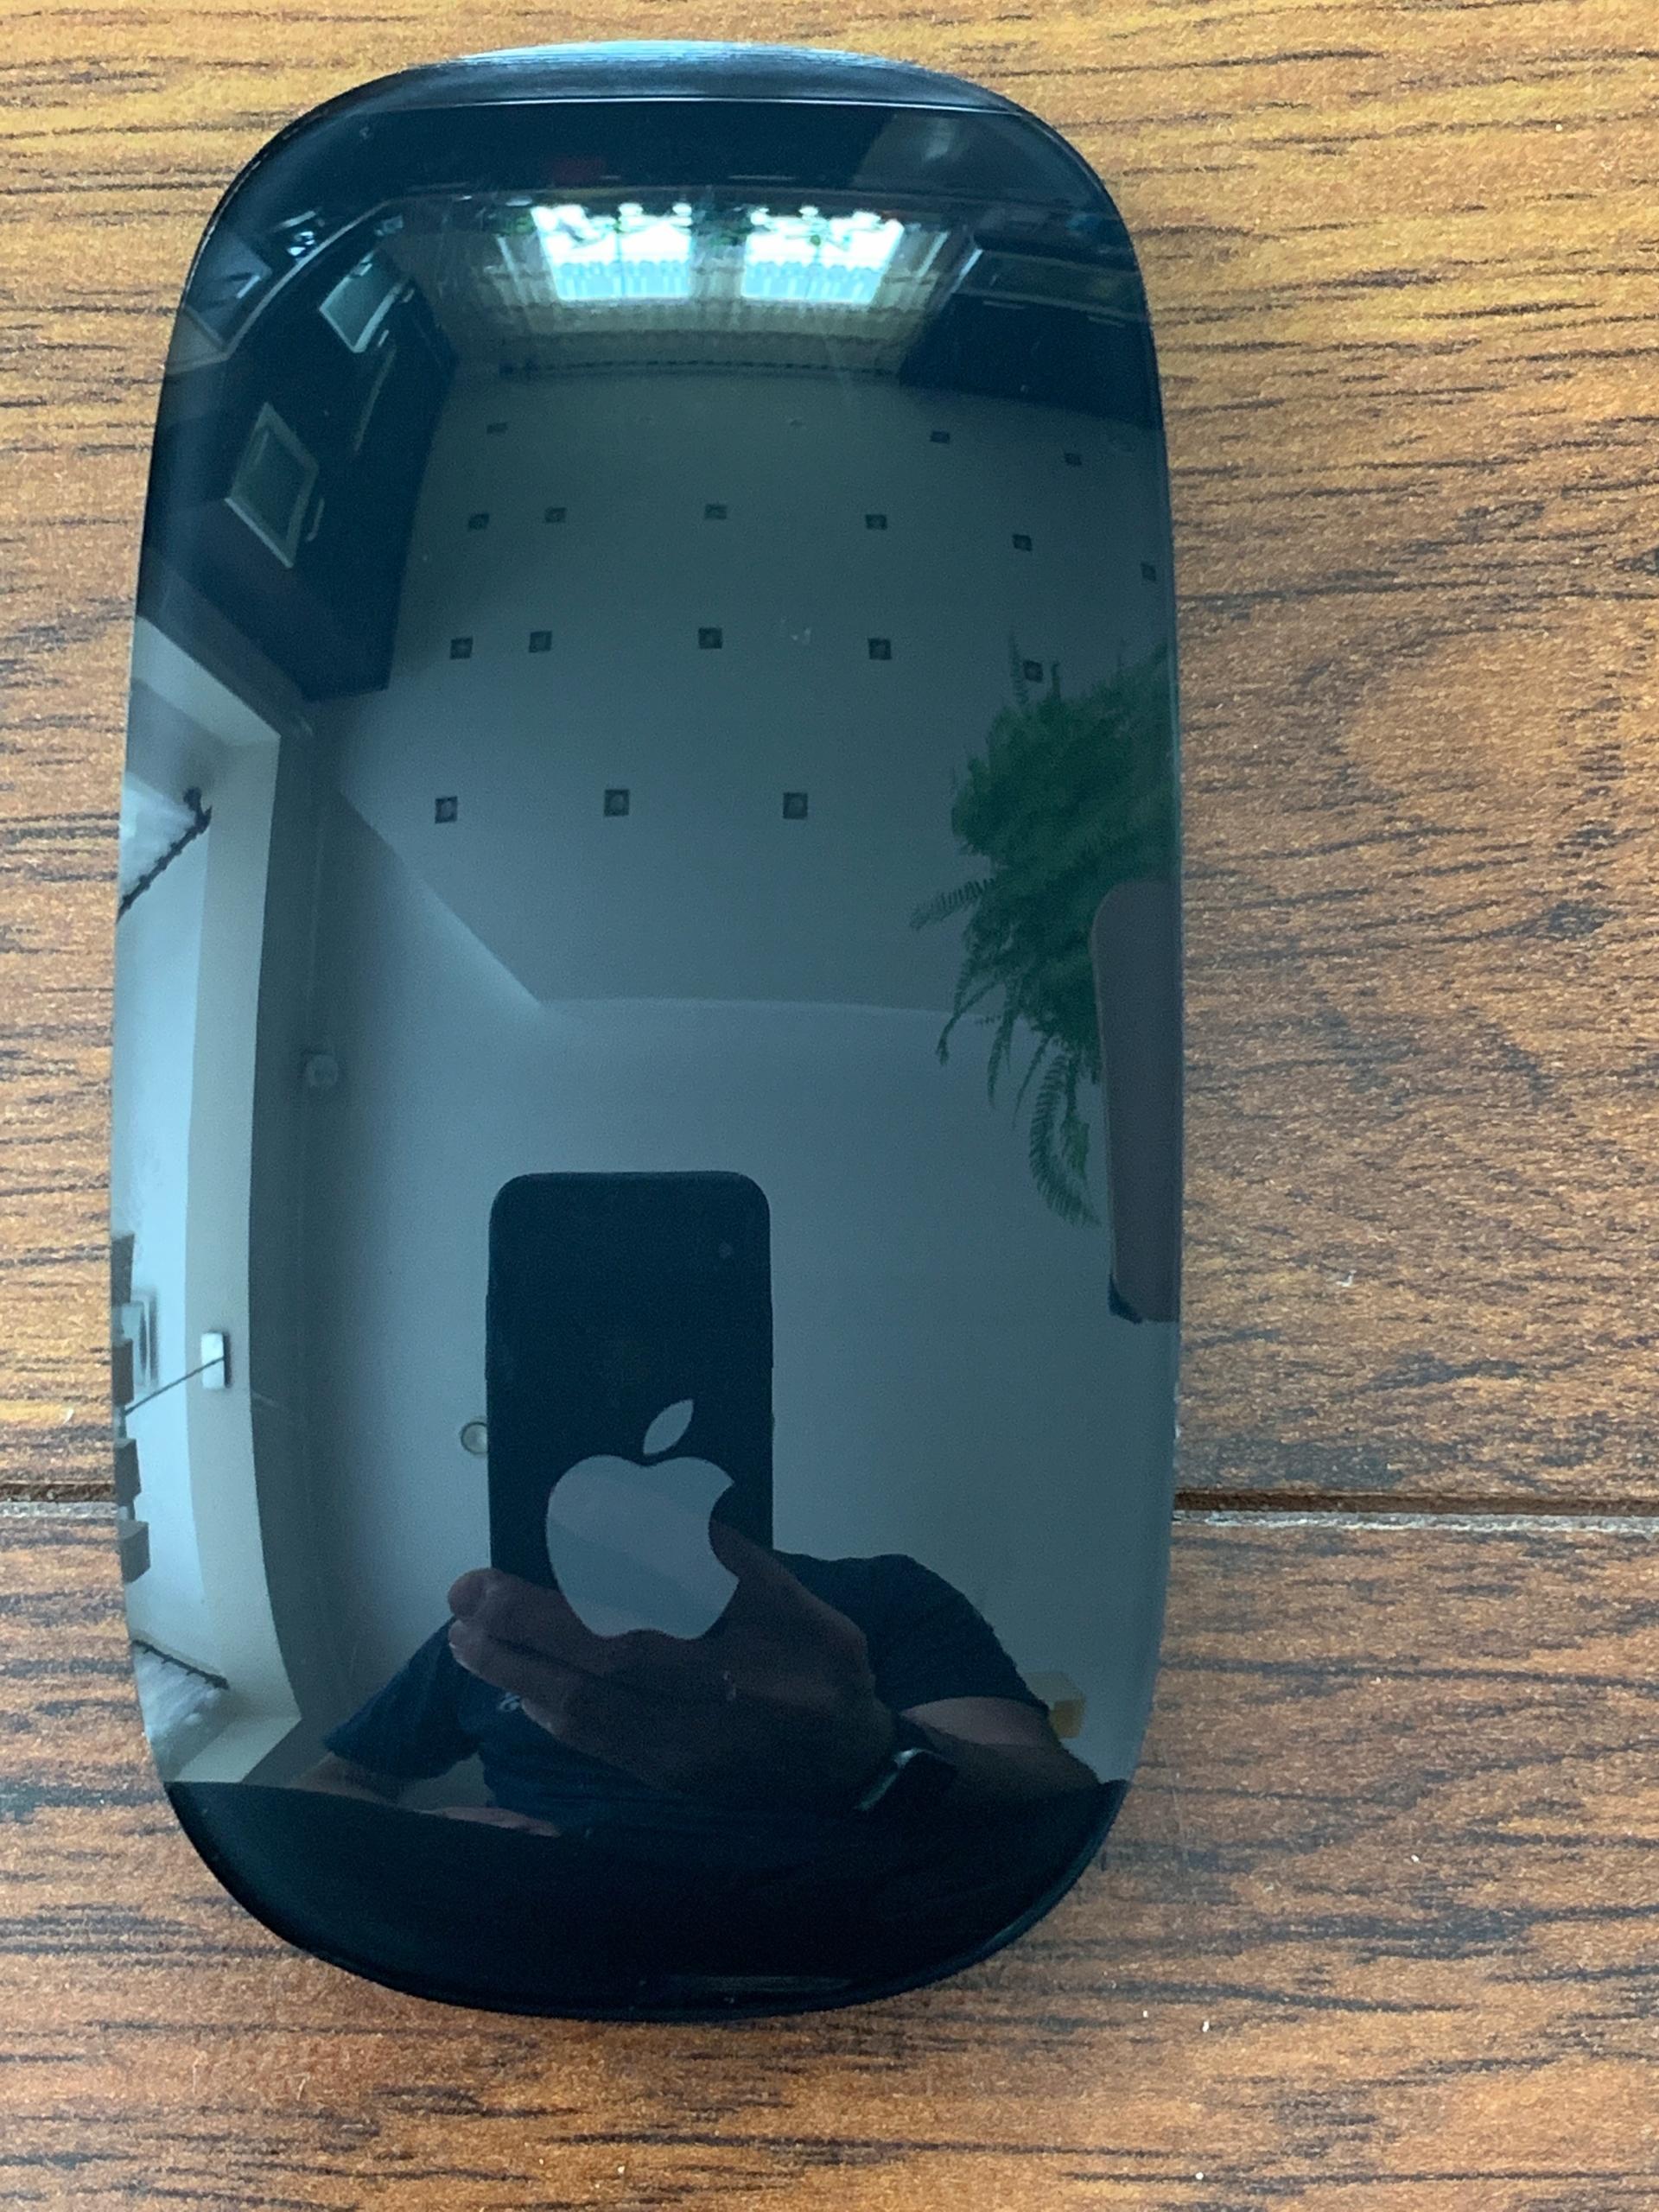 Myszka Apple Magic Mouse 2 Space Grey - OKAZJA !!!